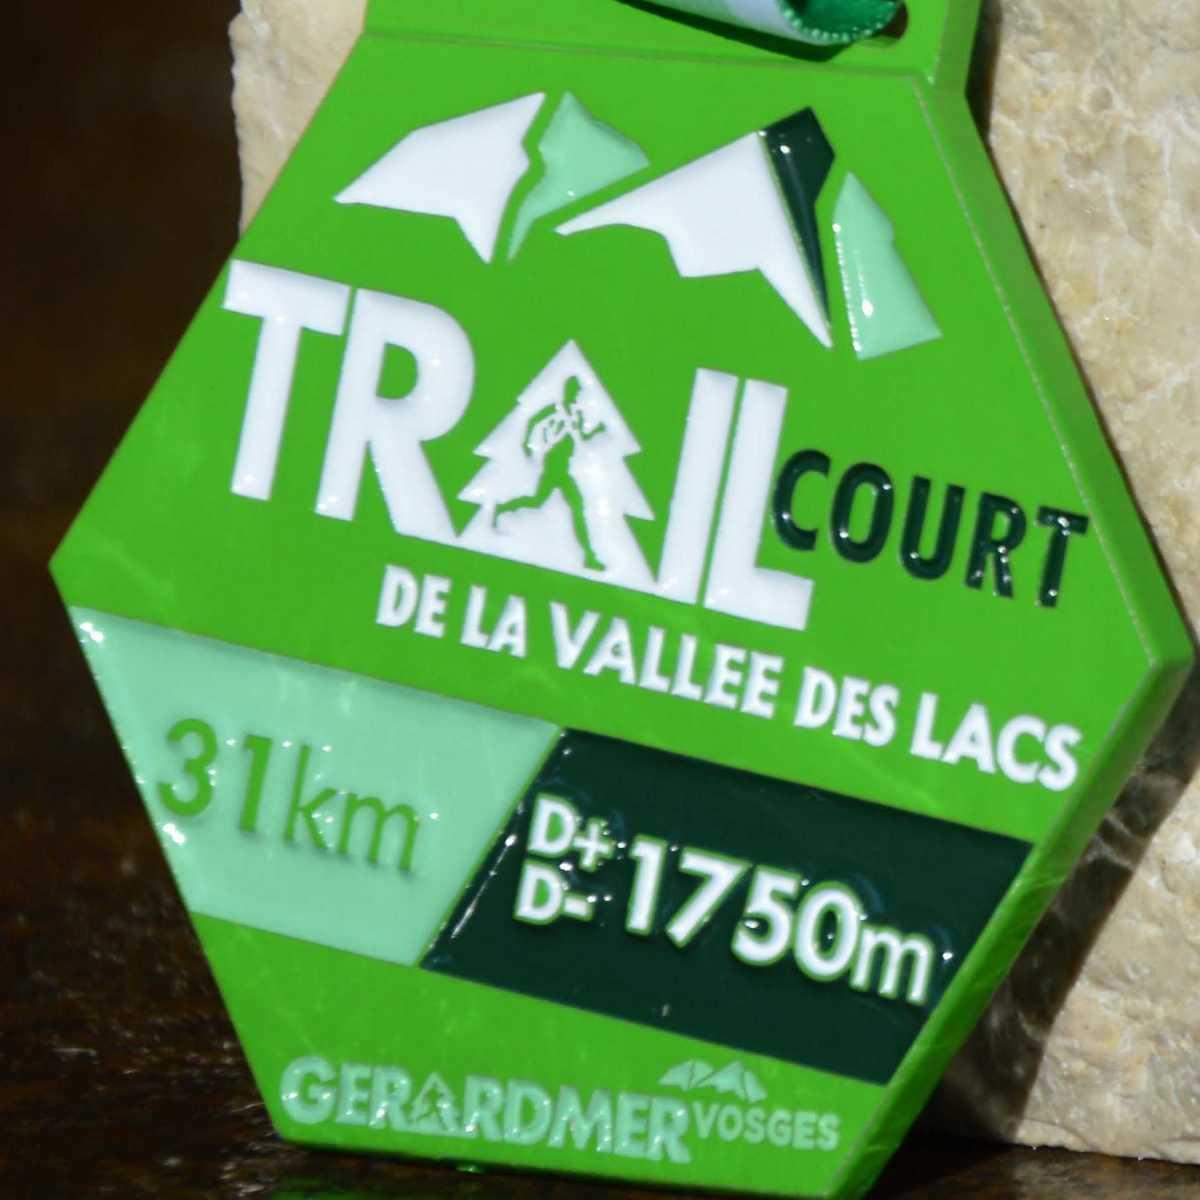 Médaille verte hexagonale fabriquée pour le trail court de la vallée des lacs de Gerardmer Vosges